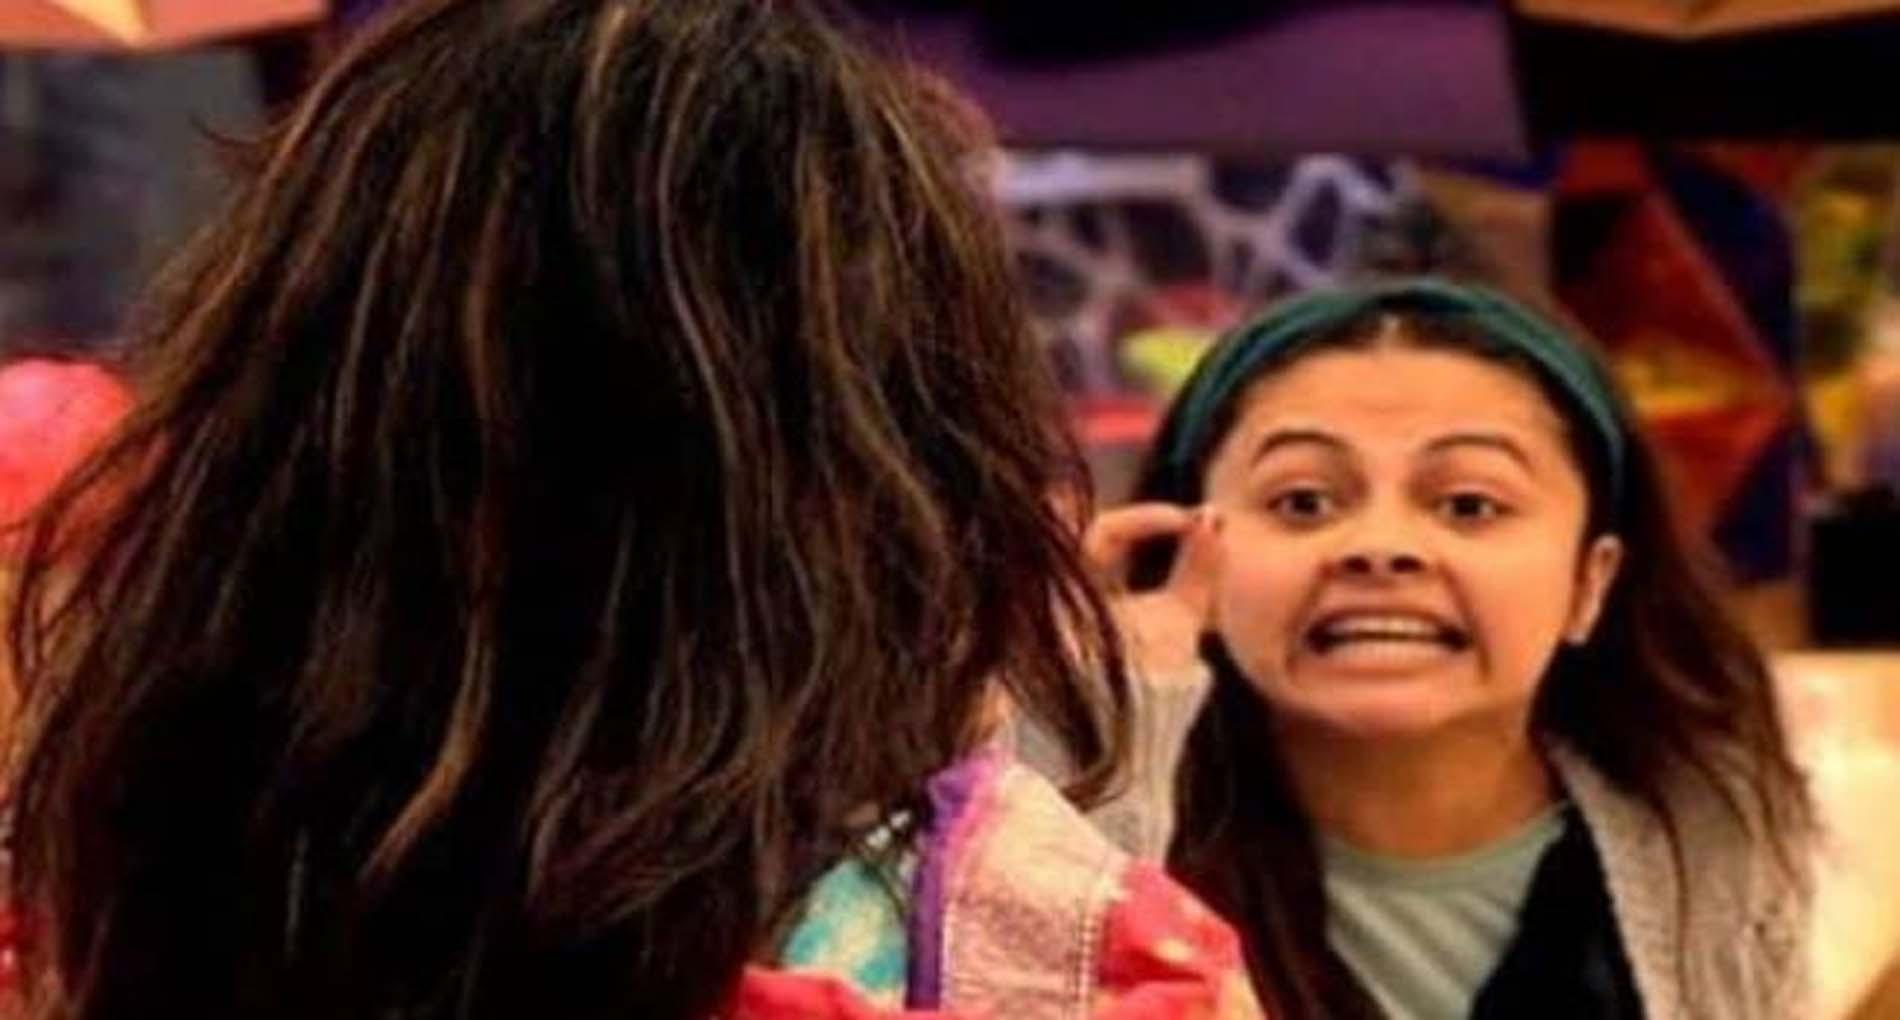 Bigg Boss 14: टीवी की 'संस्कारी बहू' देवोलीना ने घर में खोया अपना आपा! अर्शी से भिड़ीं